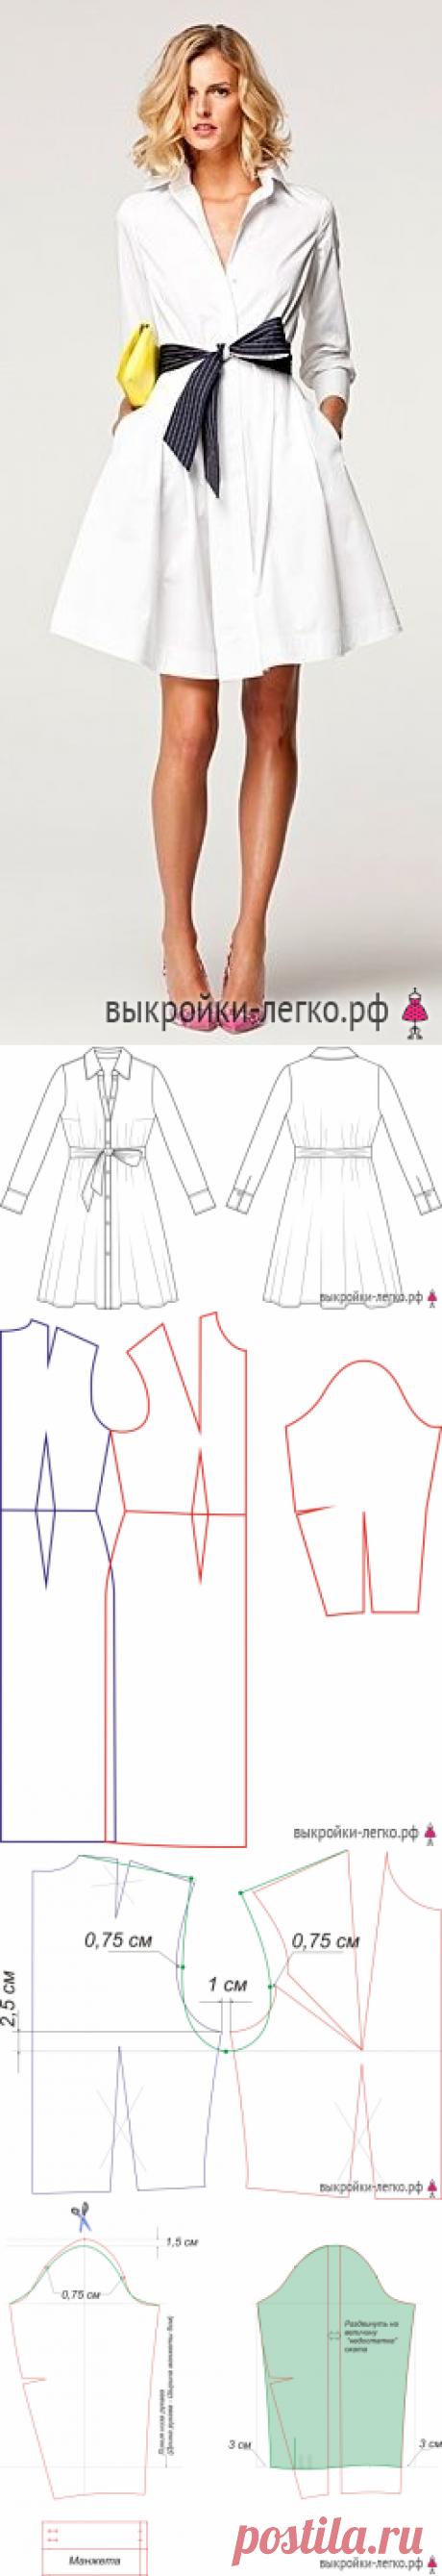 Выкройка элегантного платья-рубашки | Готовые выкройки и уроки по построению на Выкройки-Легко.рф